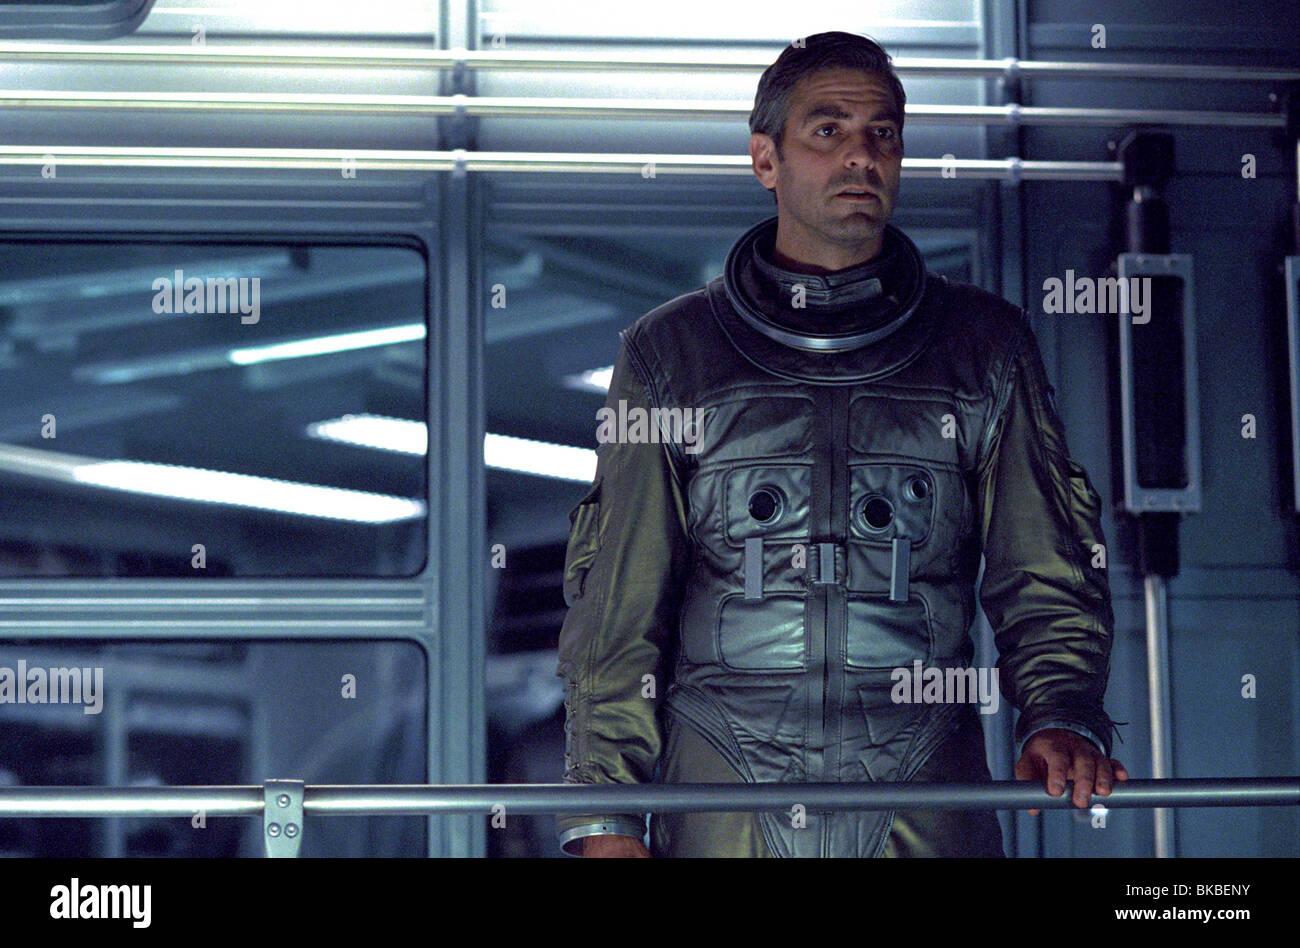 SOLARIS (2002) di George Clooney SOLR 001 25 Immagini Stock